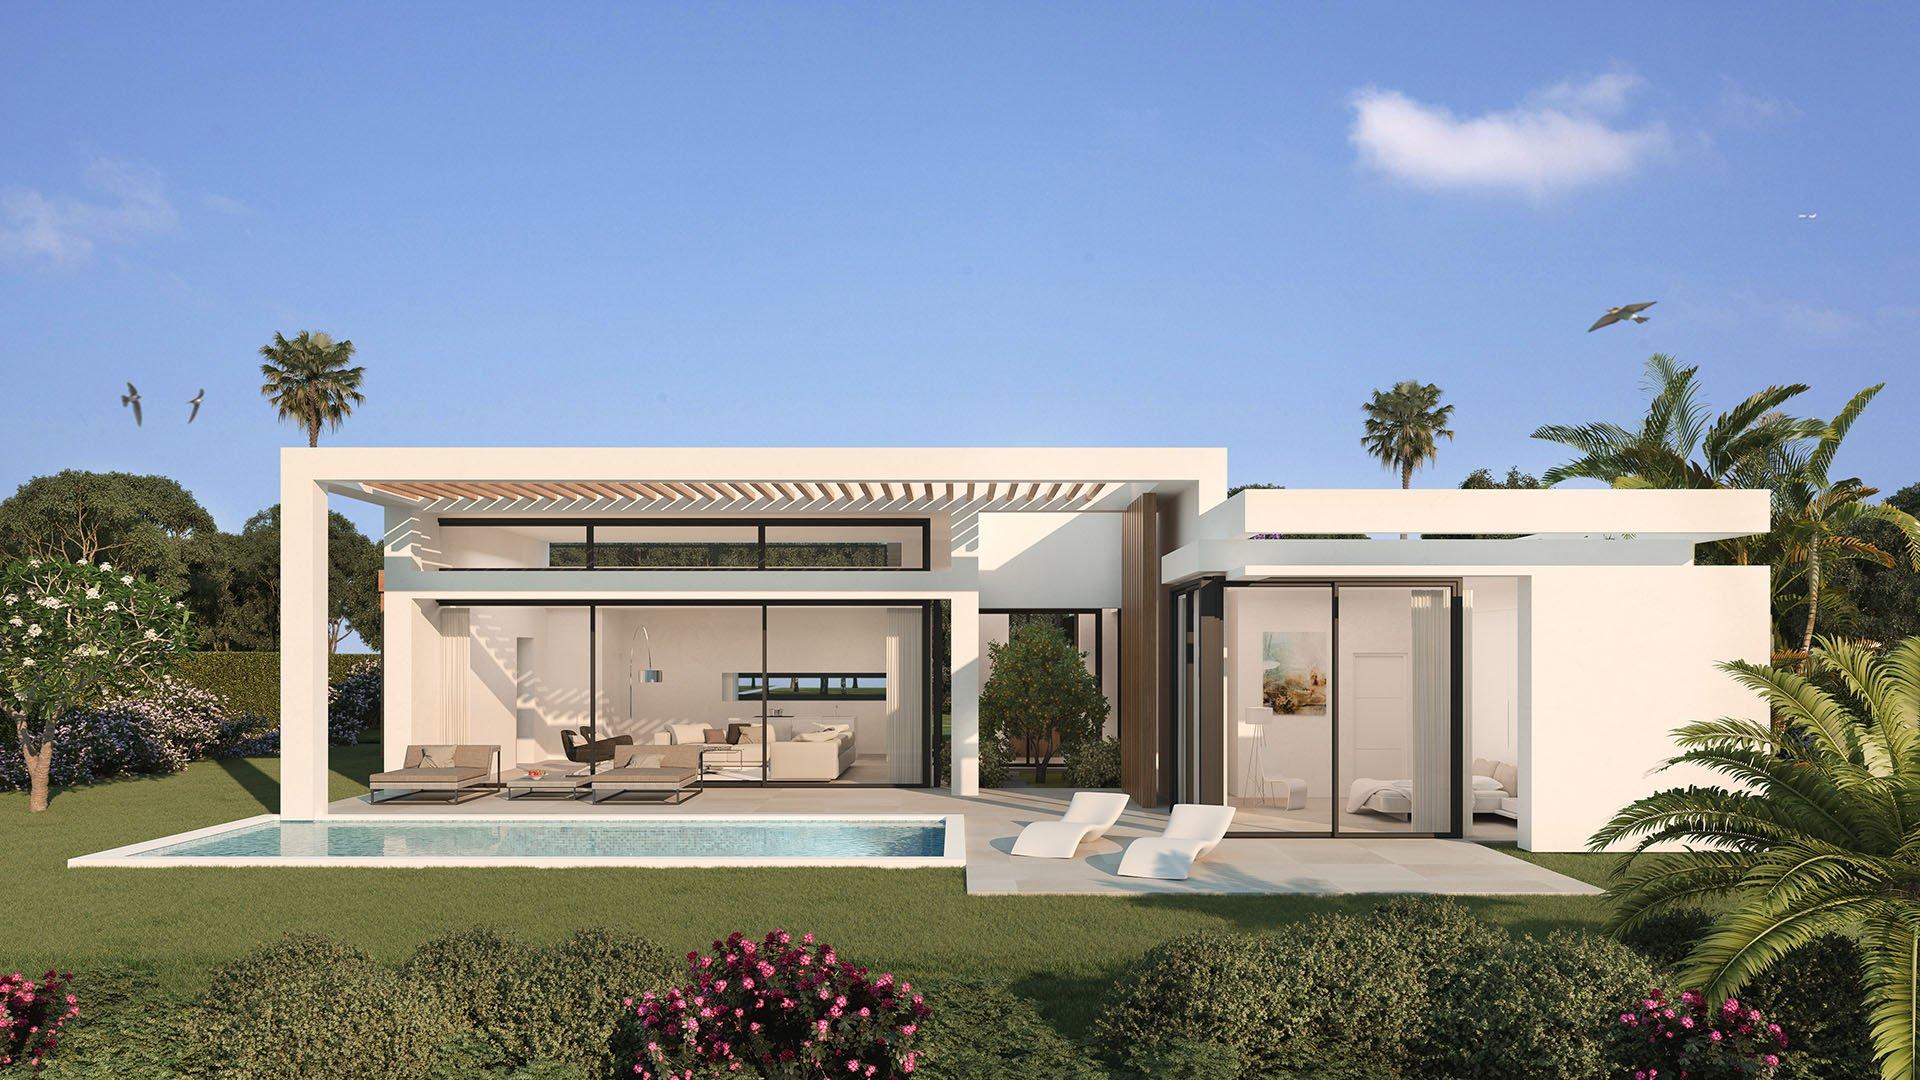 Arboleda: Moderne villa's op een begeerde locatie